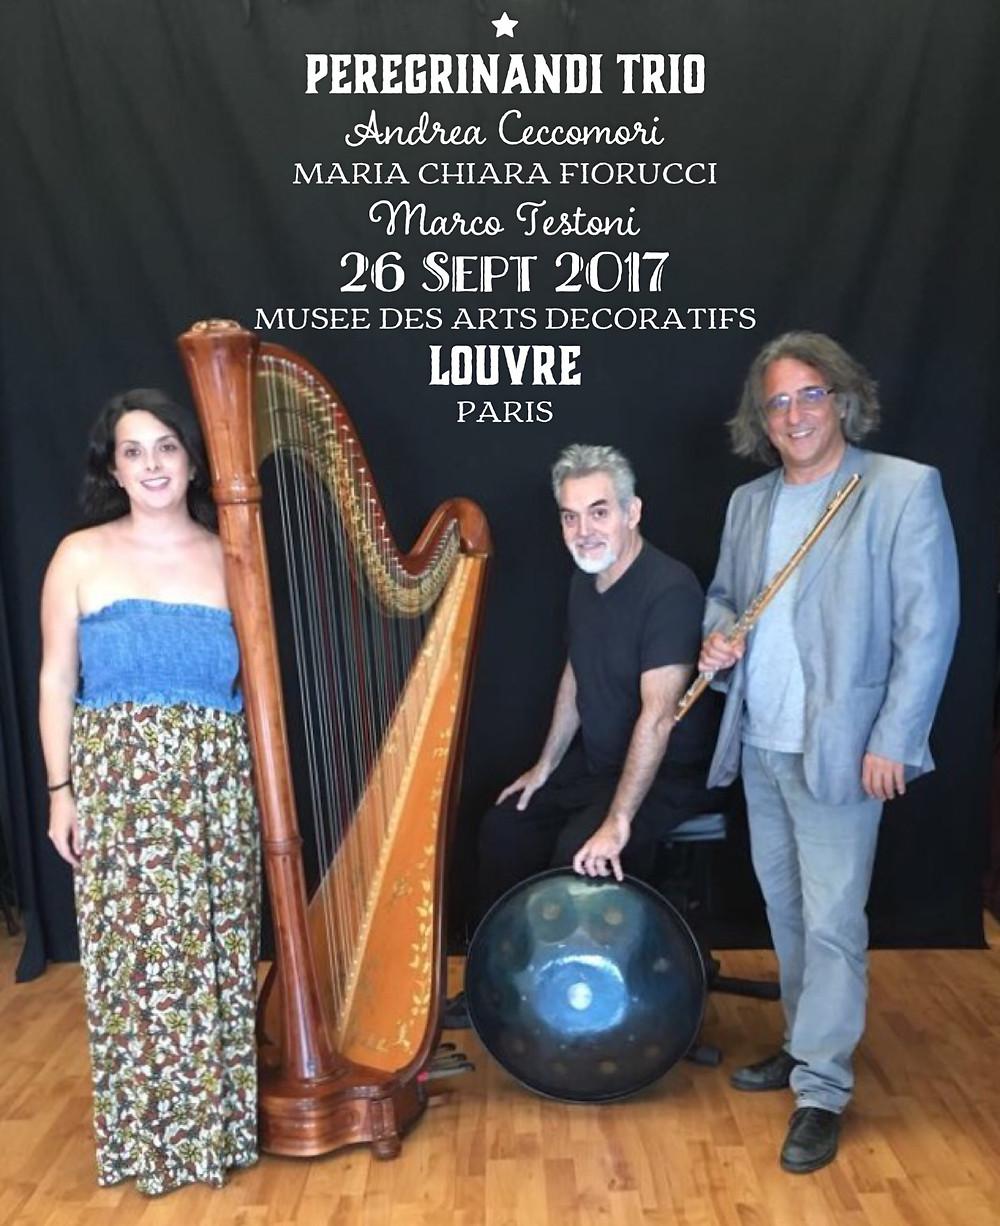 Peregrinandi Trio @ Louvre Paris